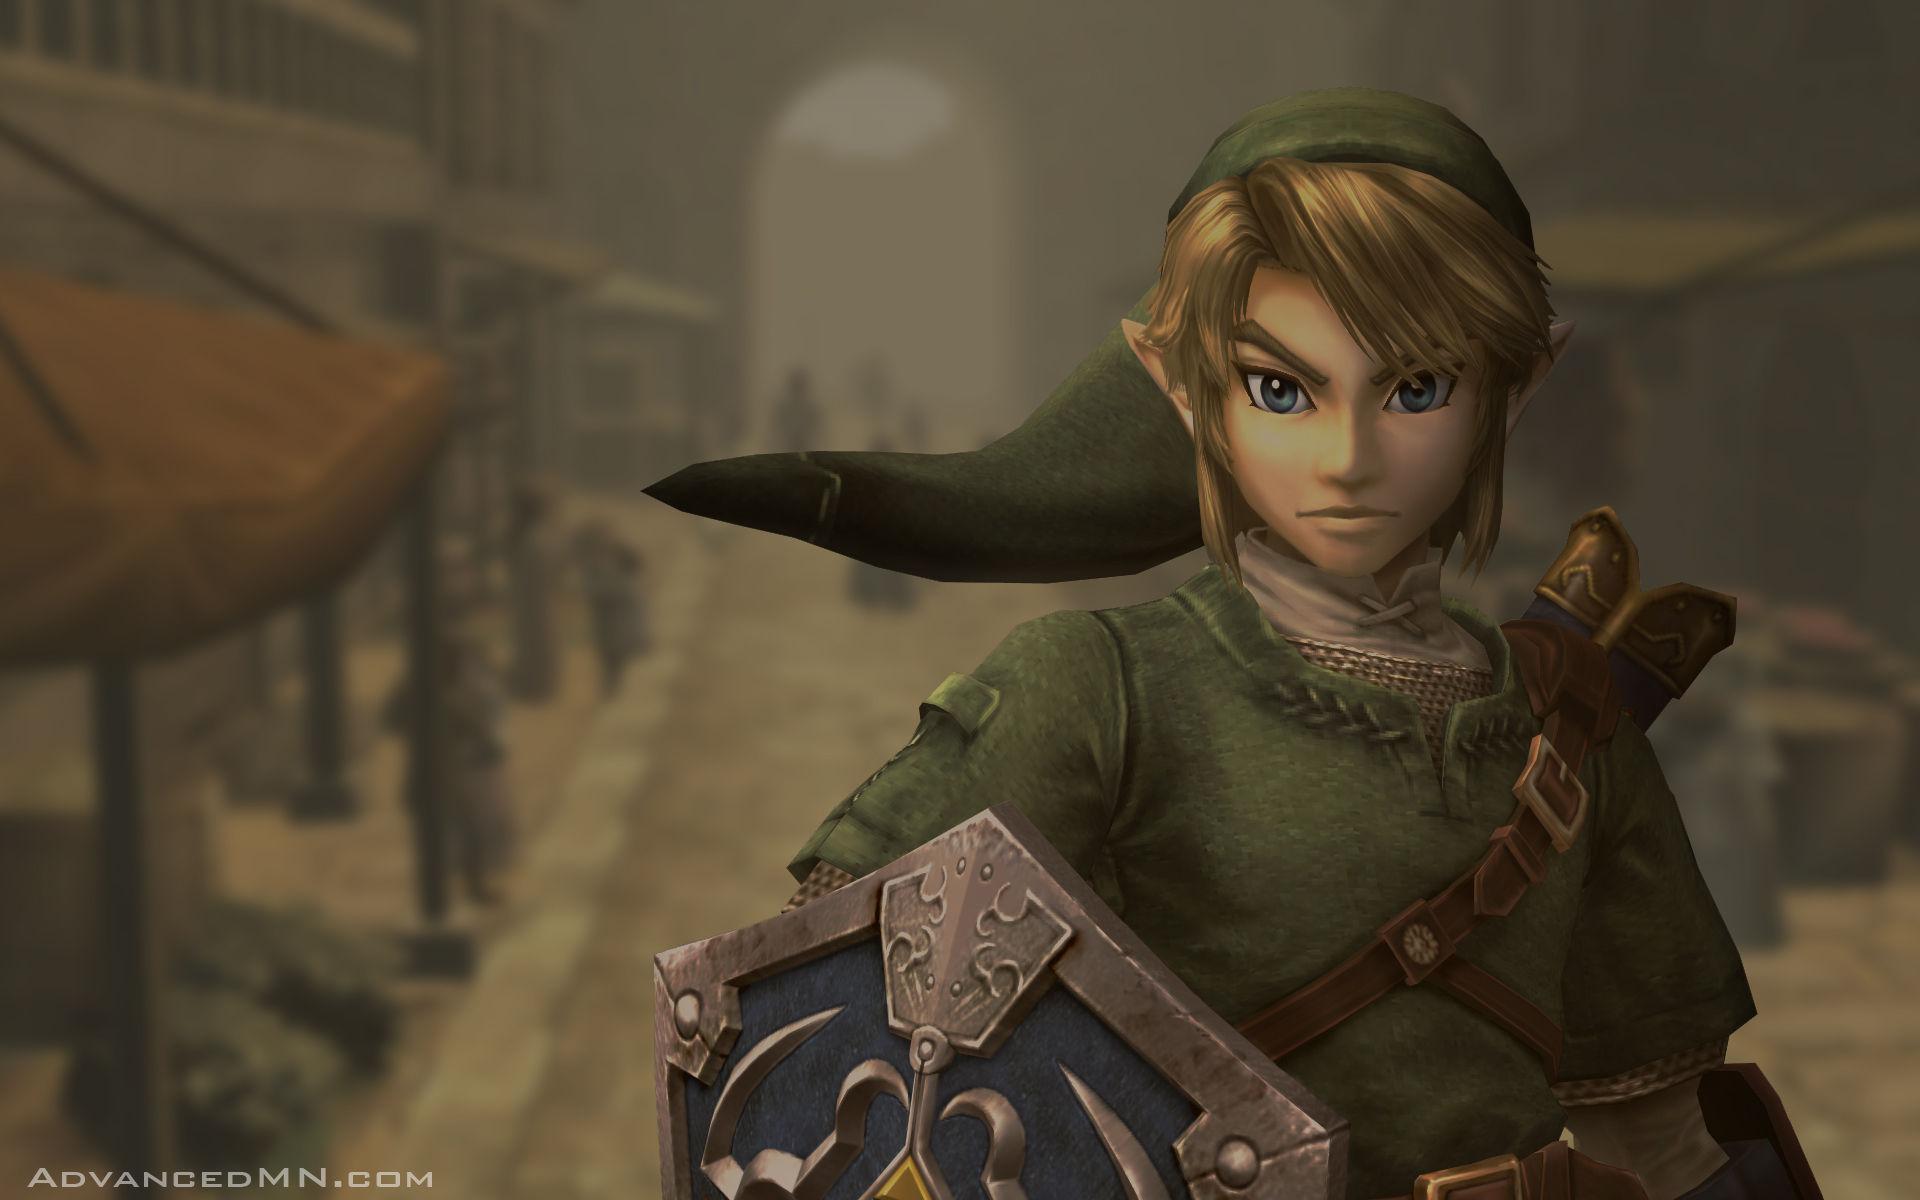 ¿Es posible jugar con Link (The legend of Zelda) en algún Mario Kart?